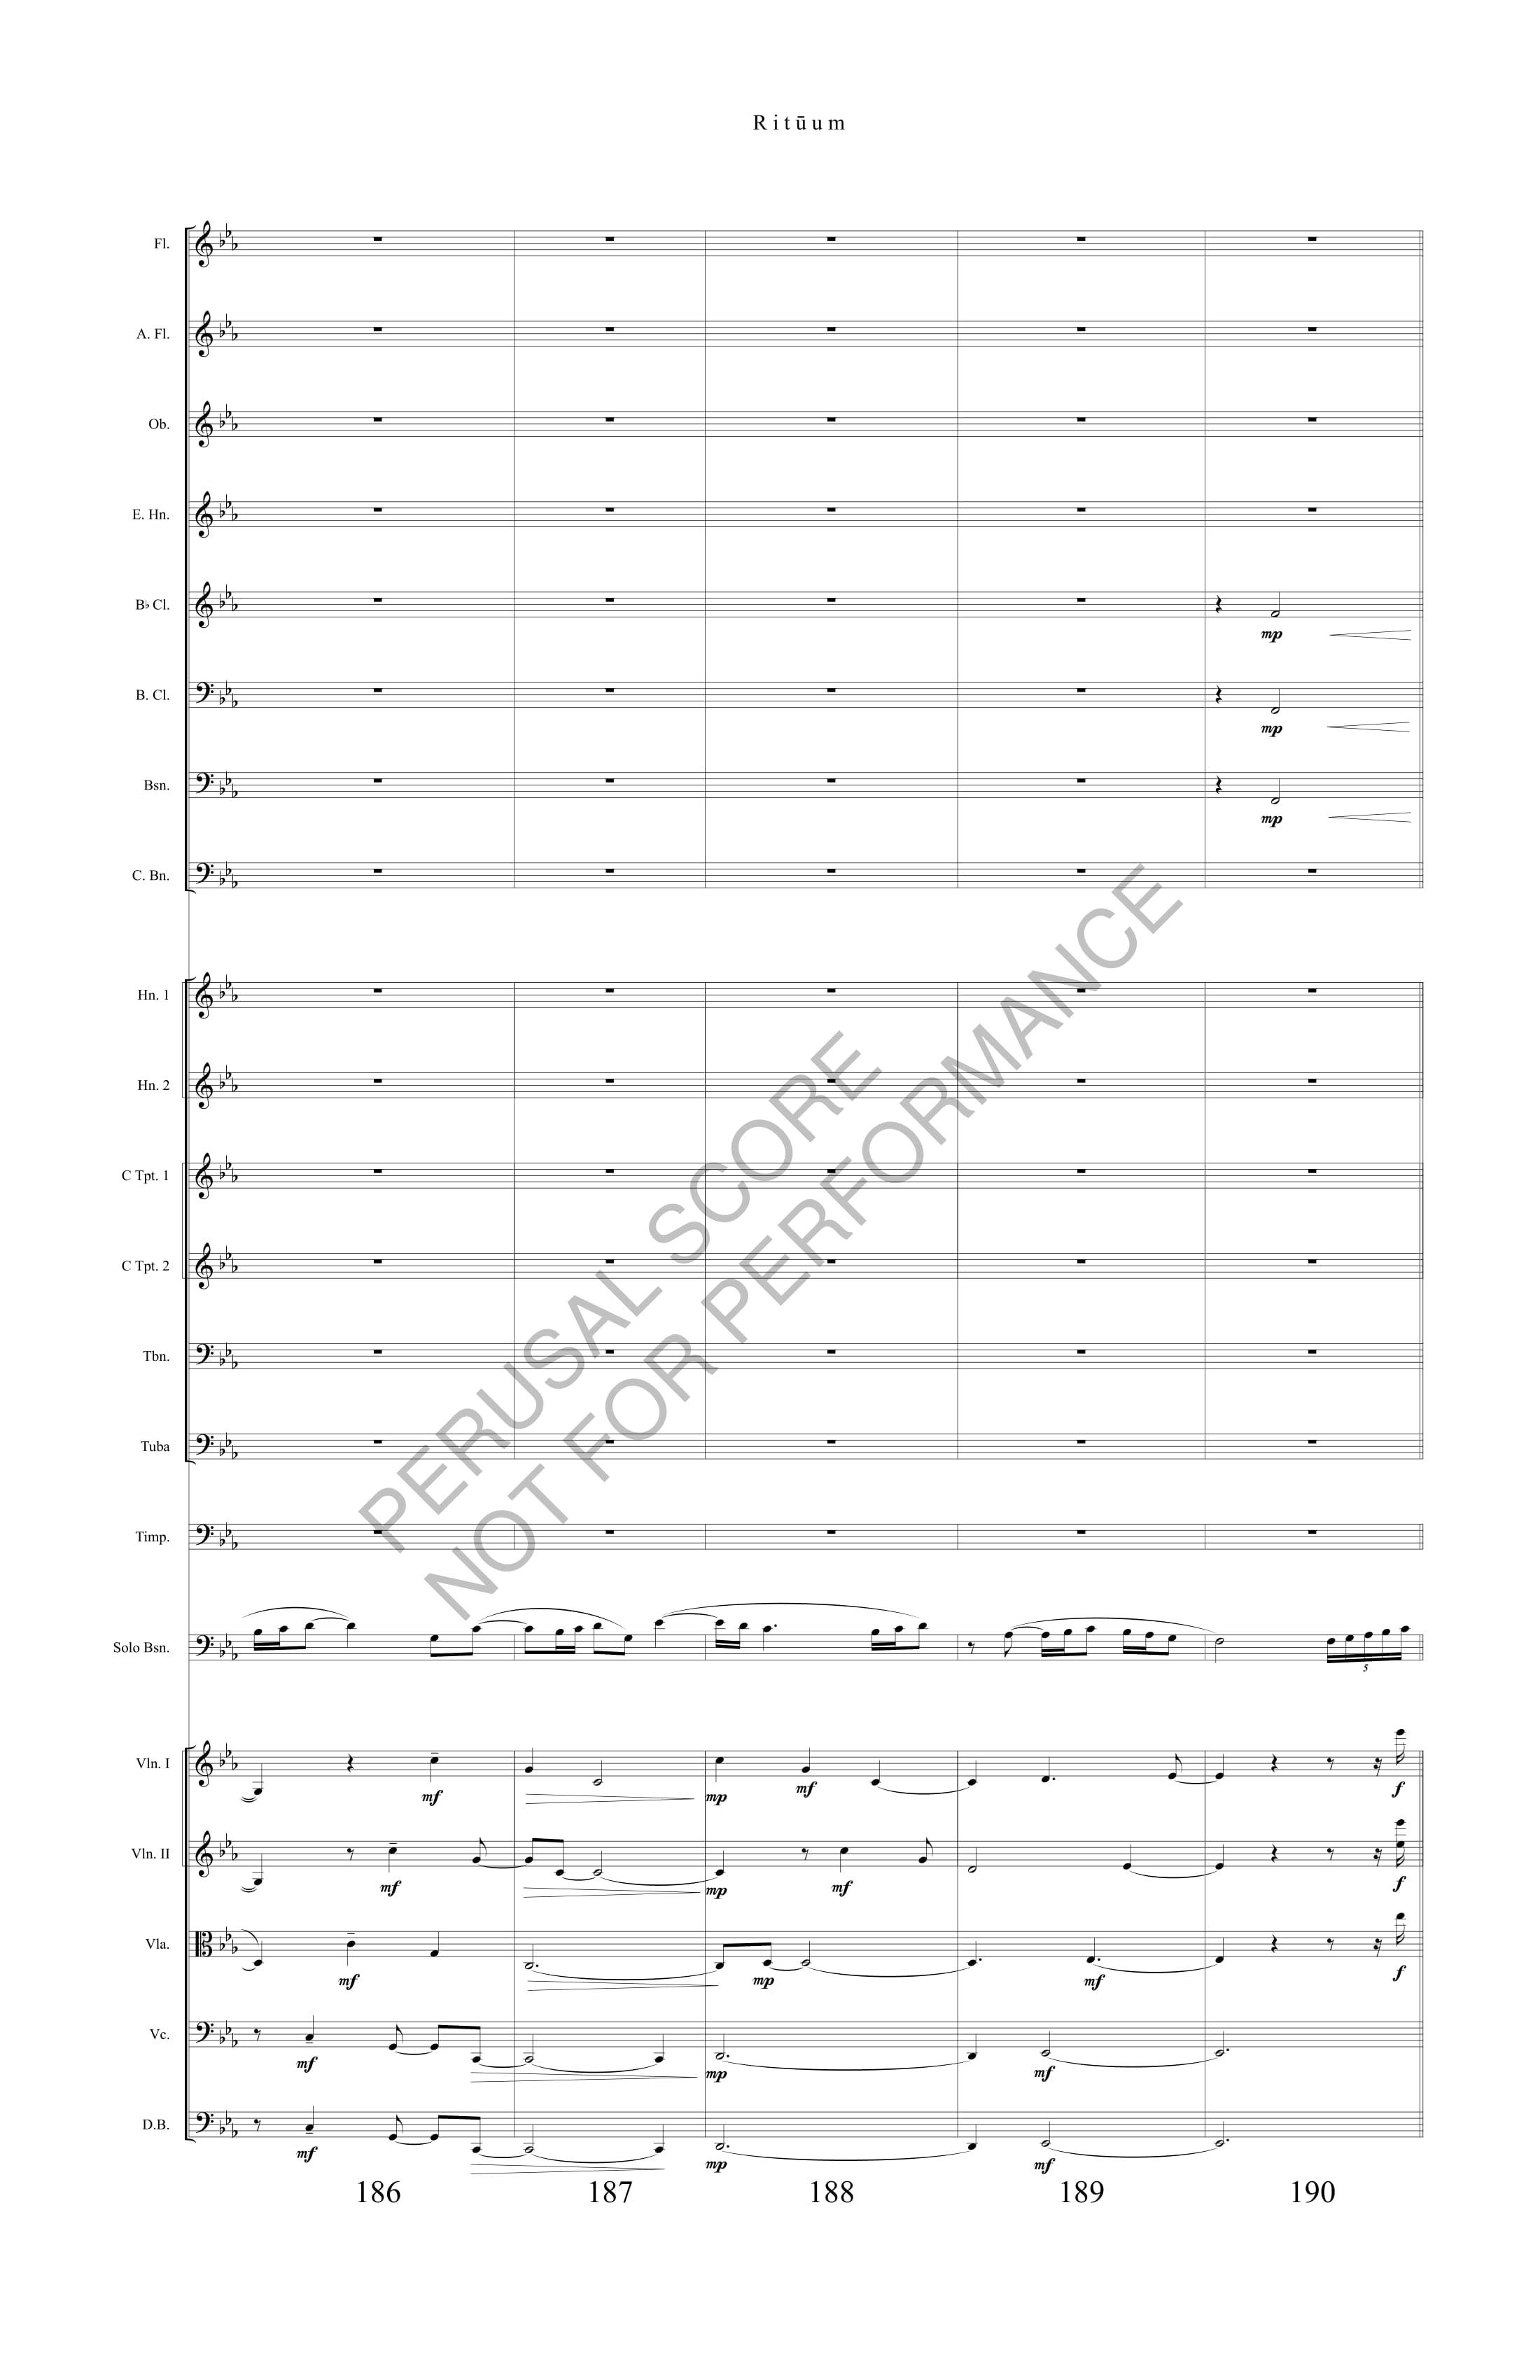 Boyd Rituum Score-watermark (1)-45.jpg